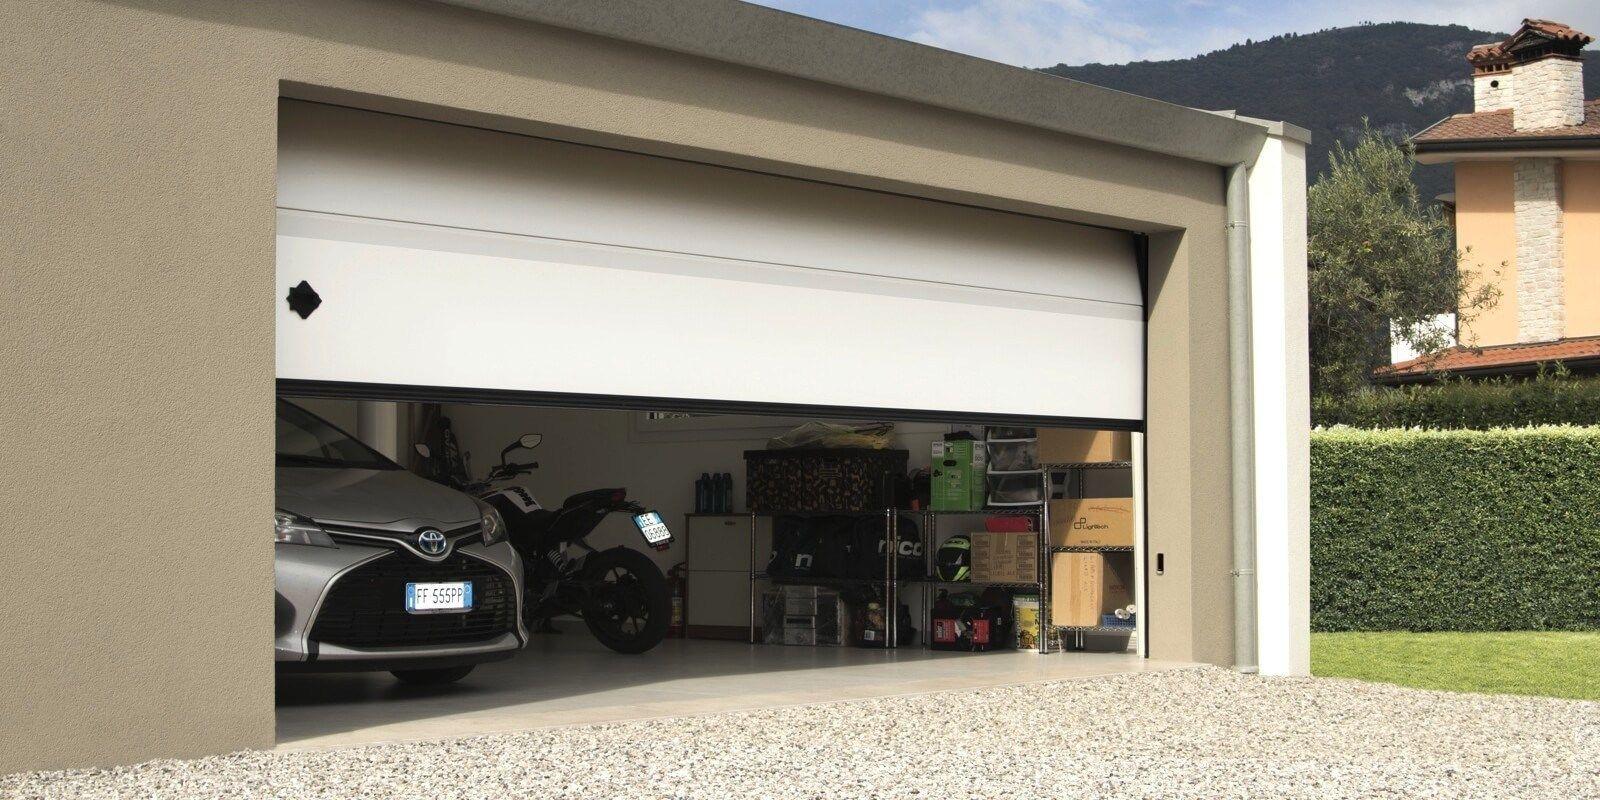 Breda: come rinnovare il garage